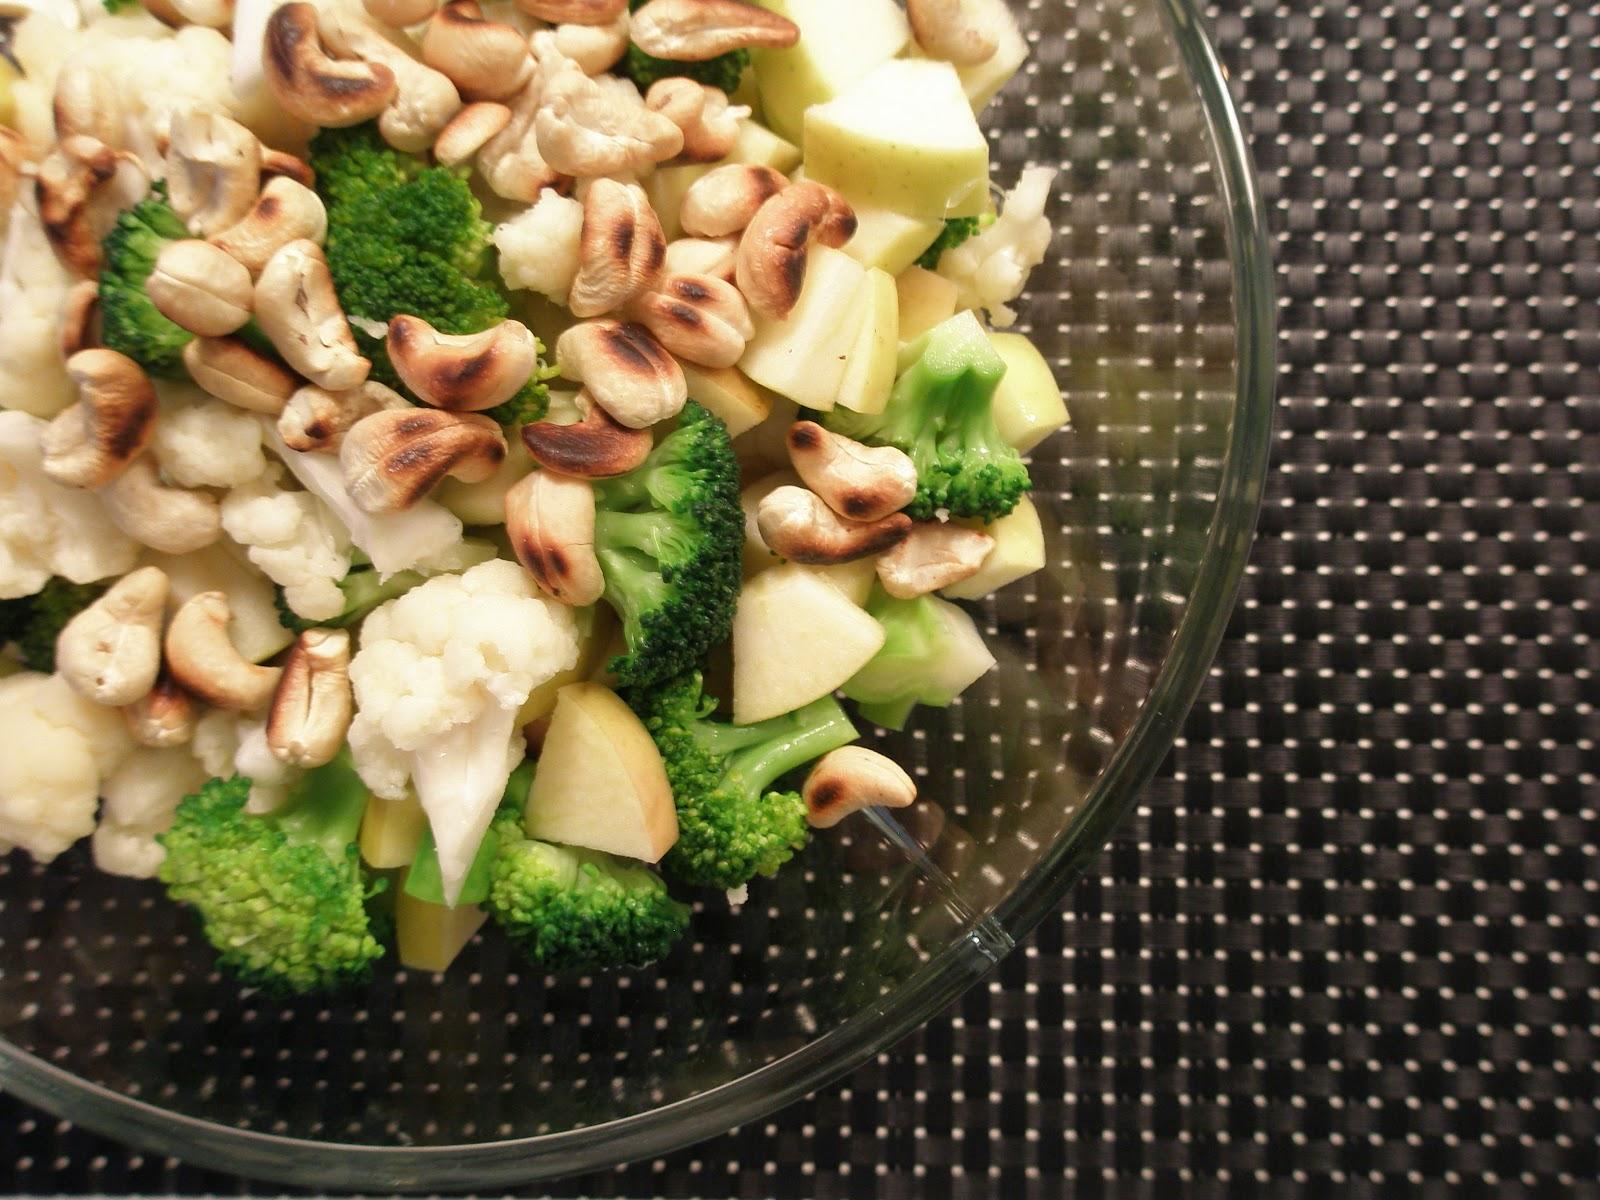 blomkål broccoli salat